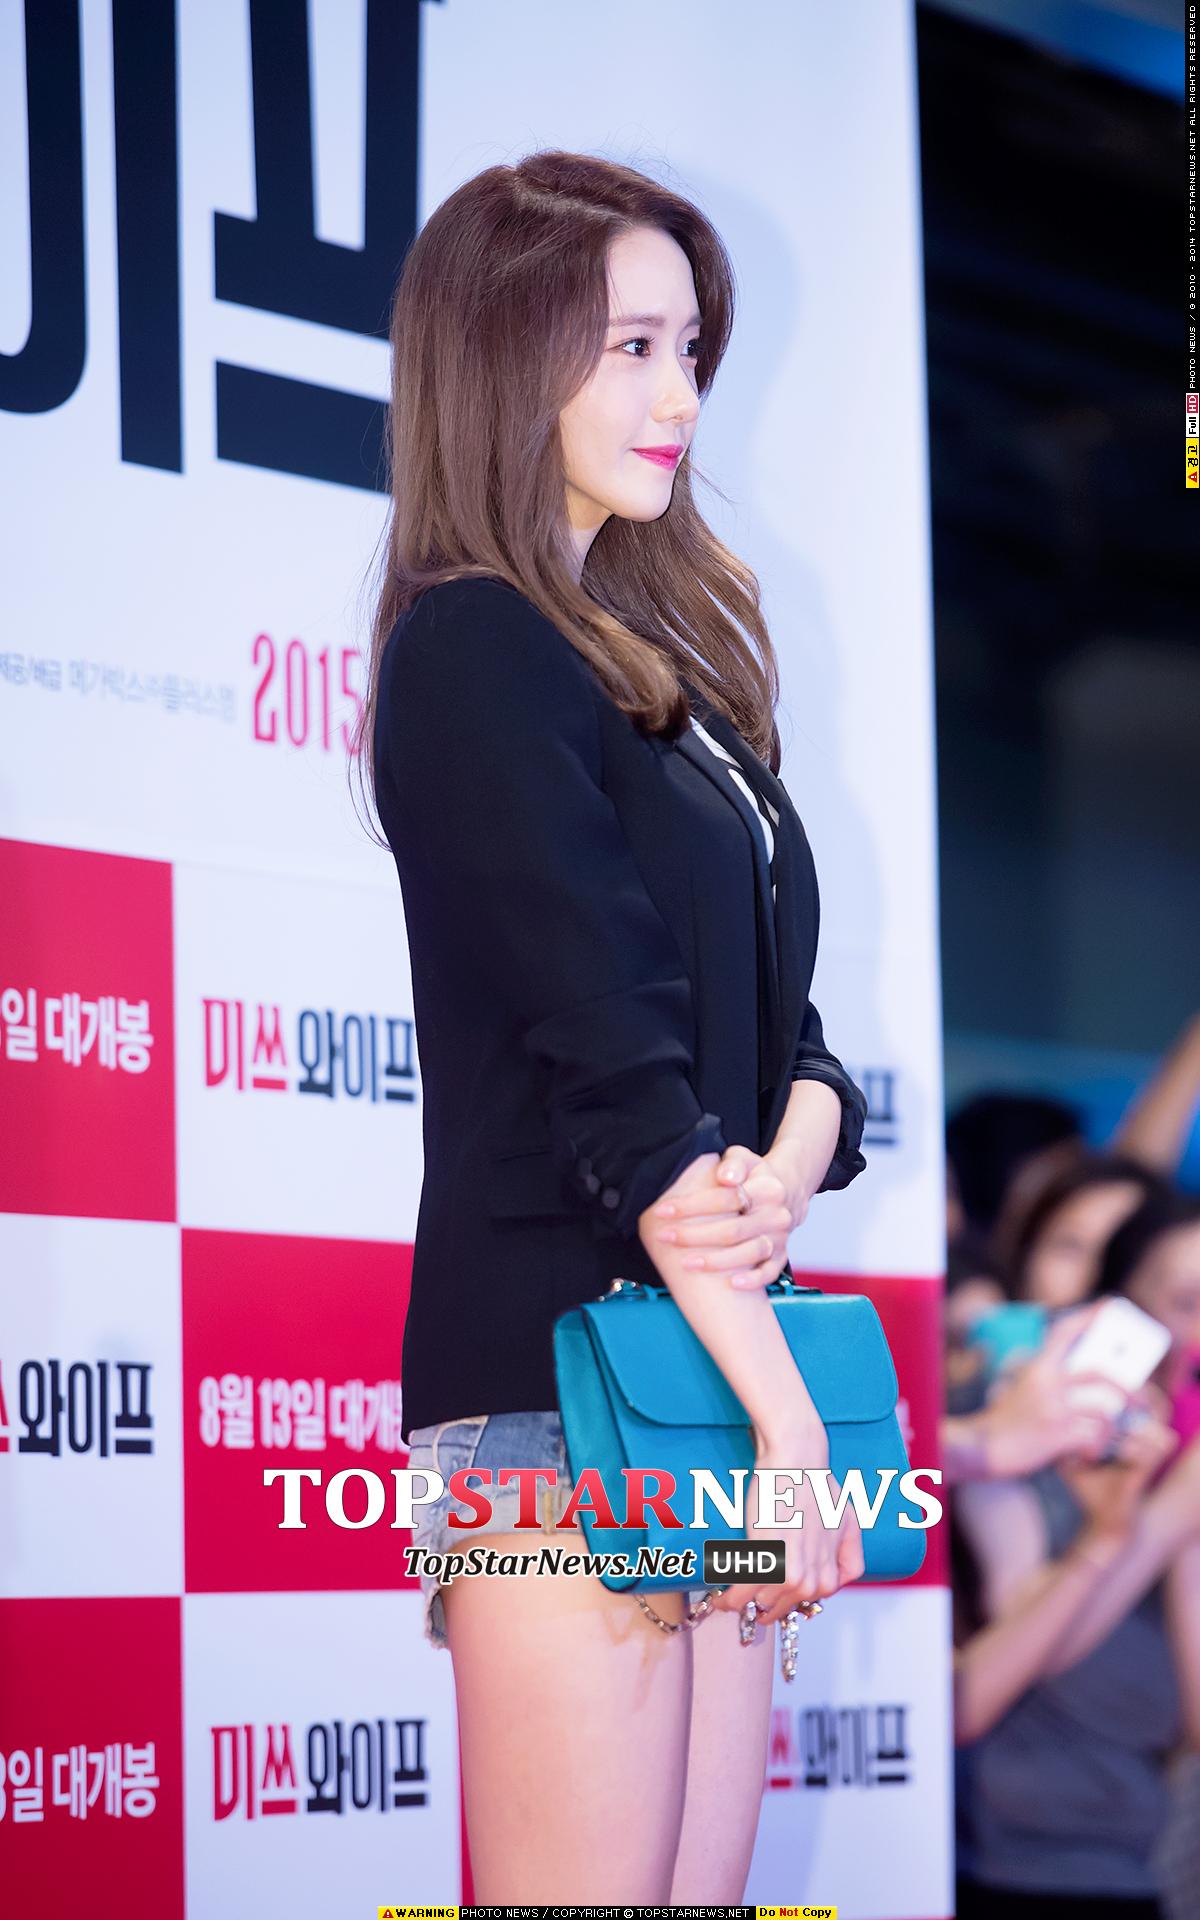 除了這五位女偶像以外,潤娥側臉也超美~~-而且潤娥的討論度極高!!